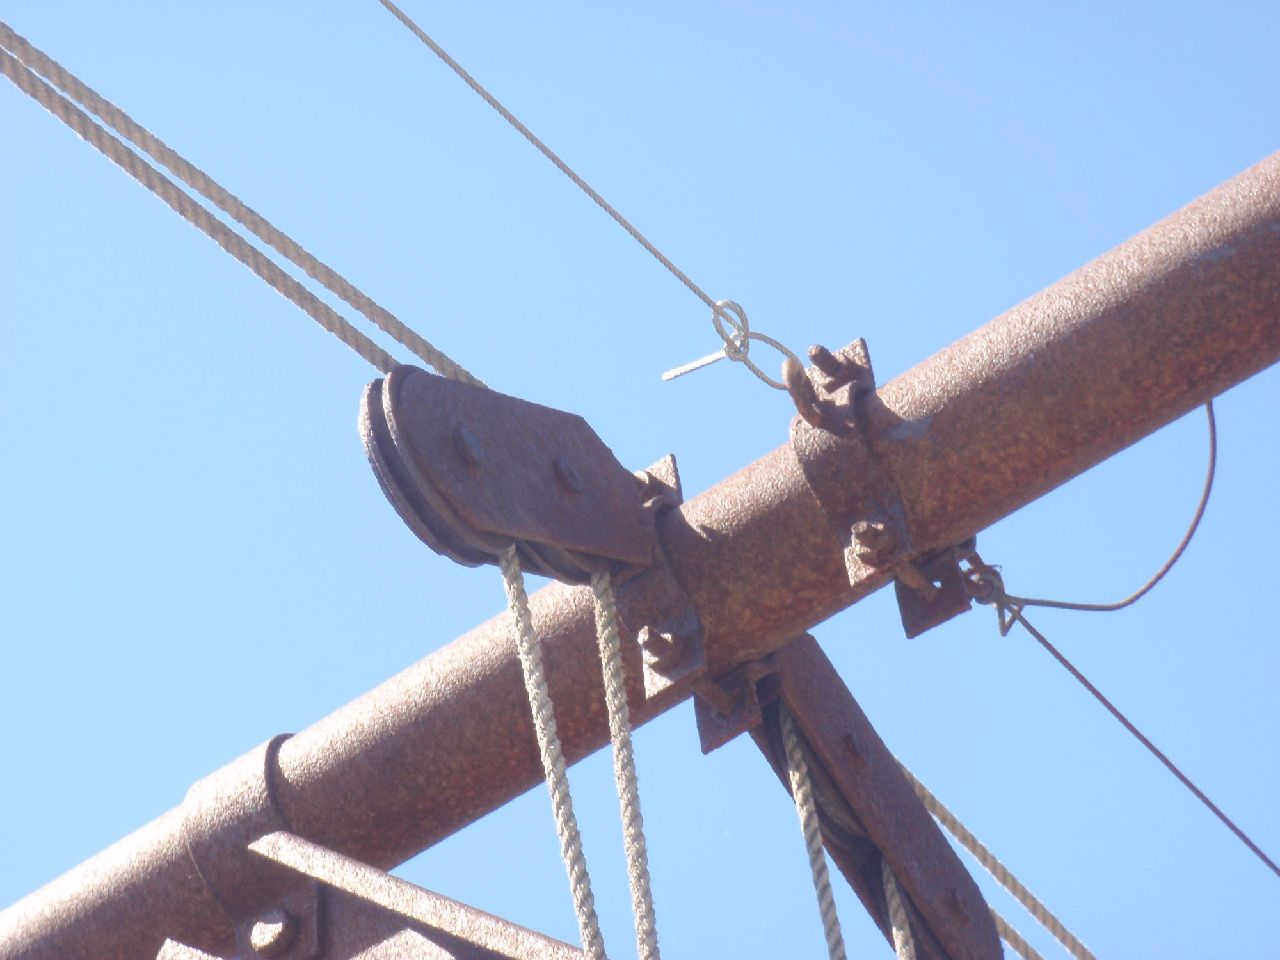 向かい側の支柱に、もやい結びでワイヤーを結ぶ。